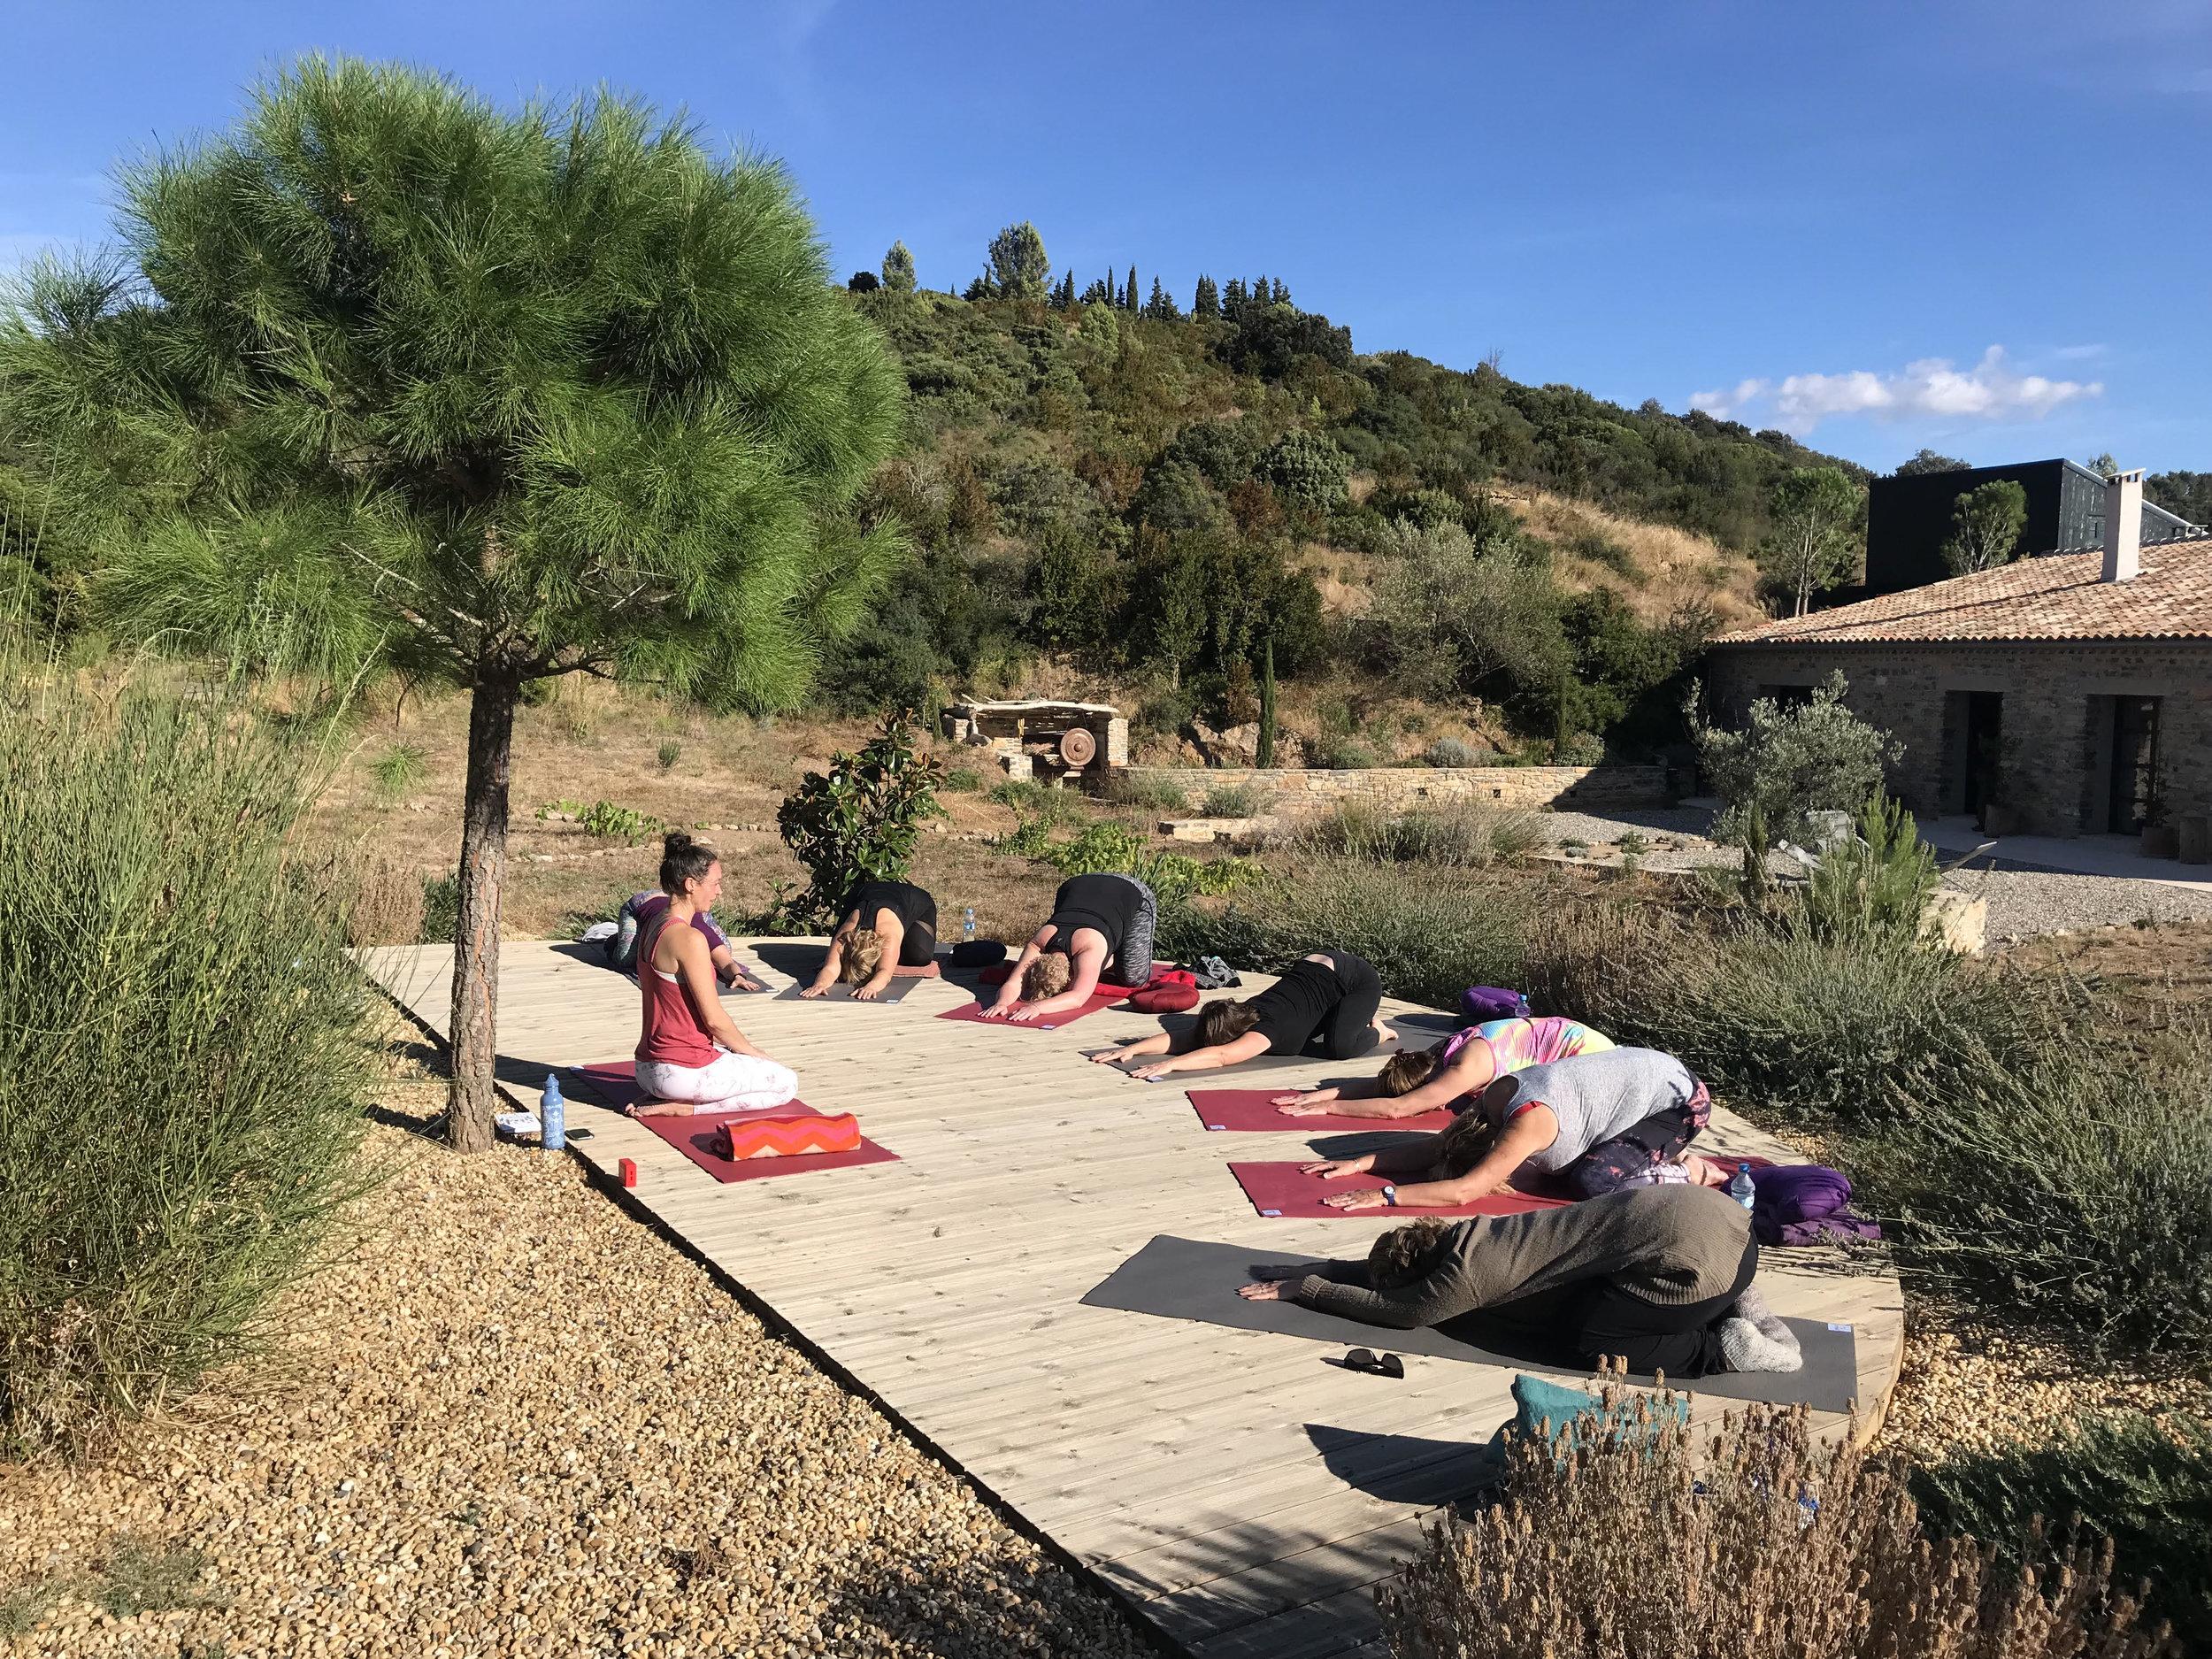 yoga platform photo.jpg